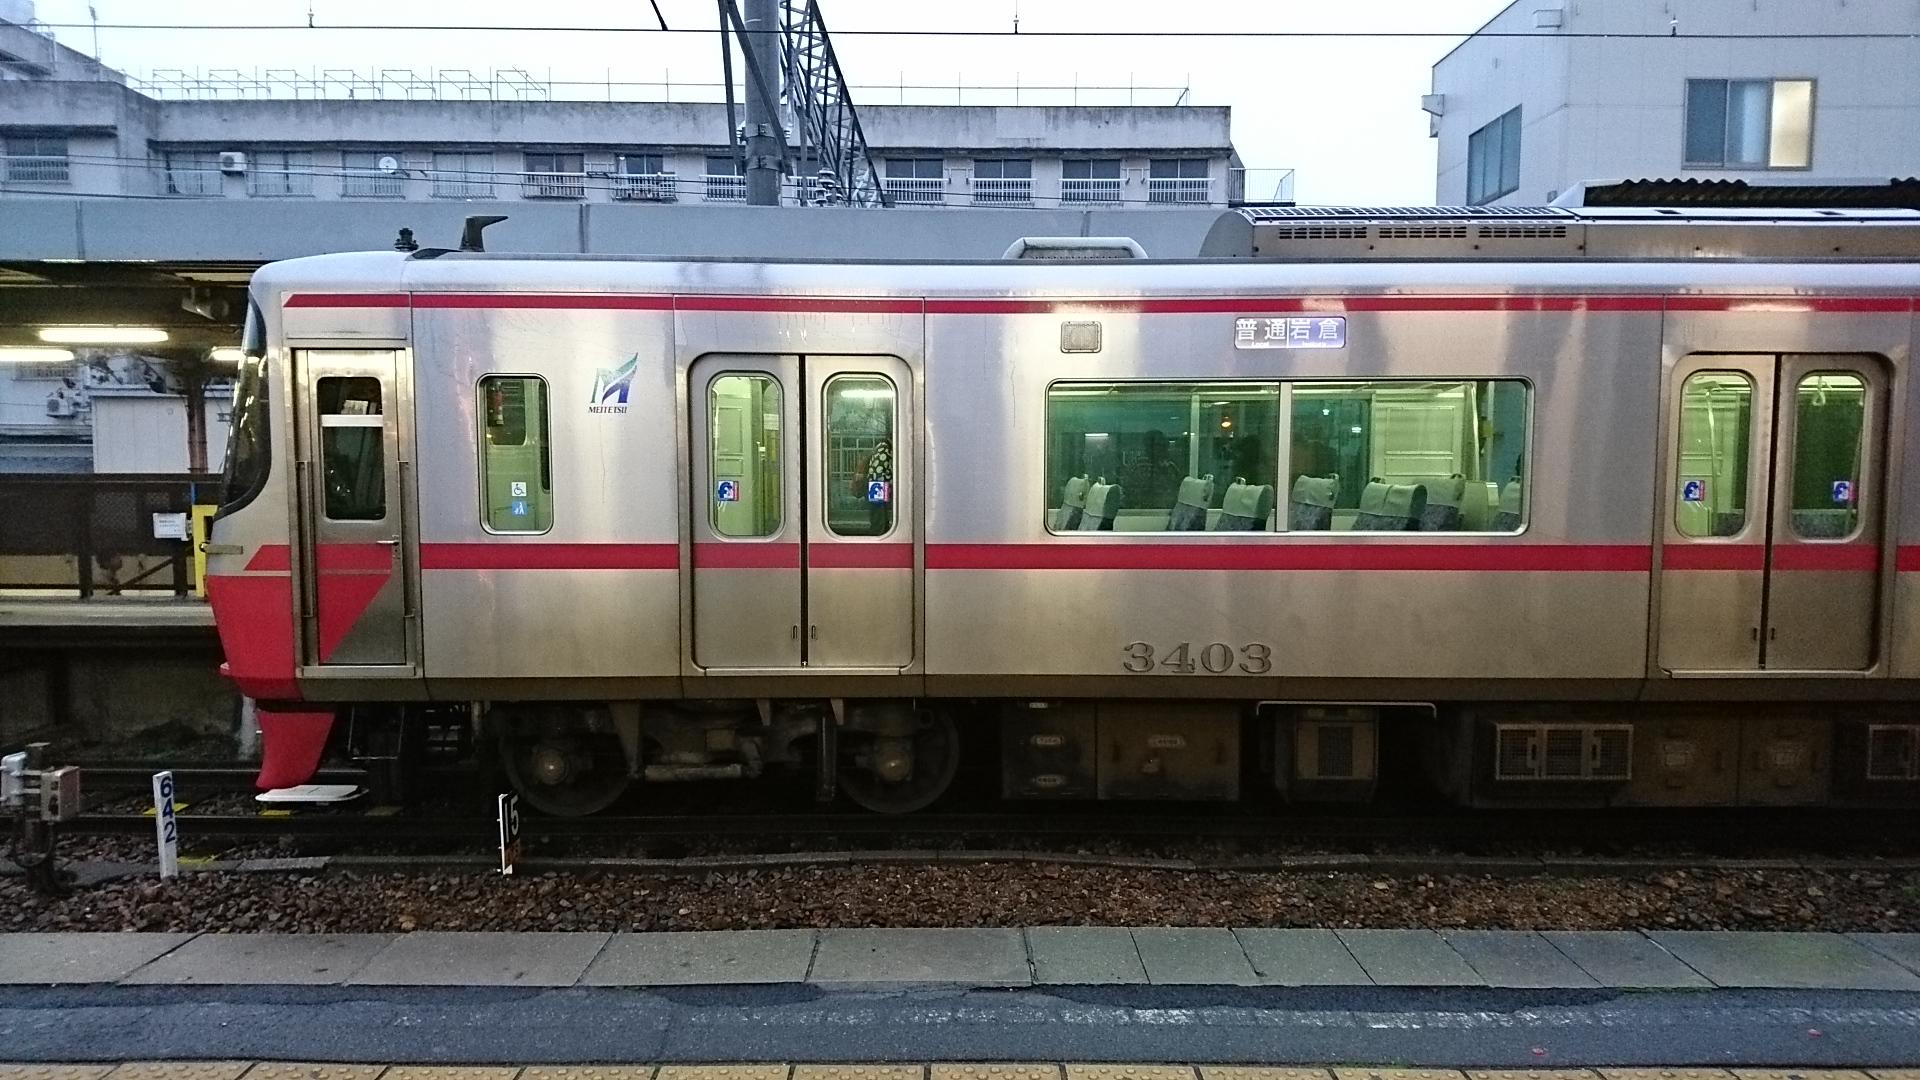 2016.11.27 名鉄 (10) しんあんじょう - 岩倉いきふつう(3403)1920-1080